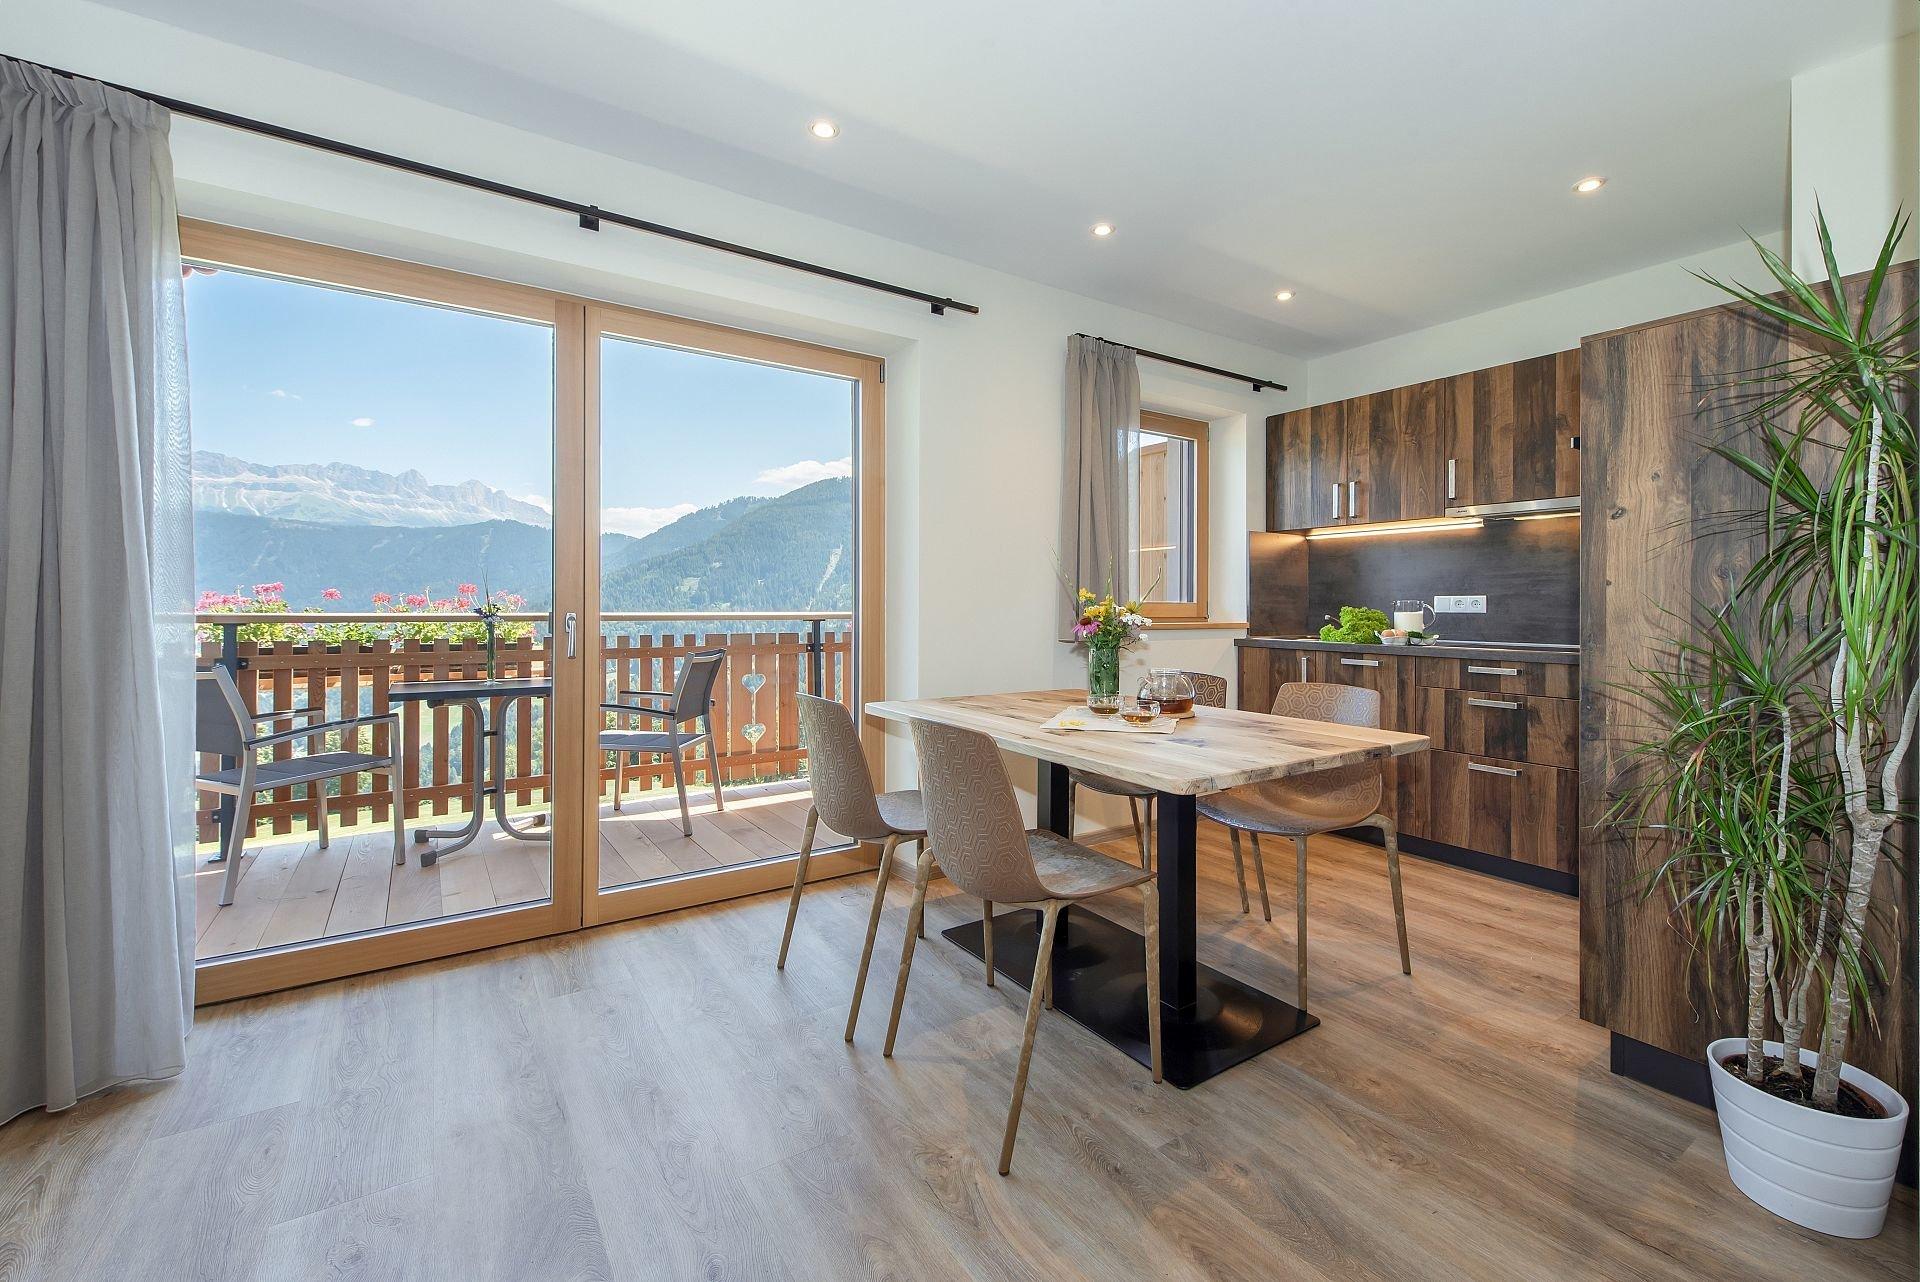 Furnerhof | Unterkunft in Steinegg | Ferienwohnung in Südtirol